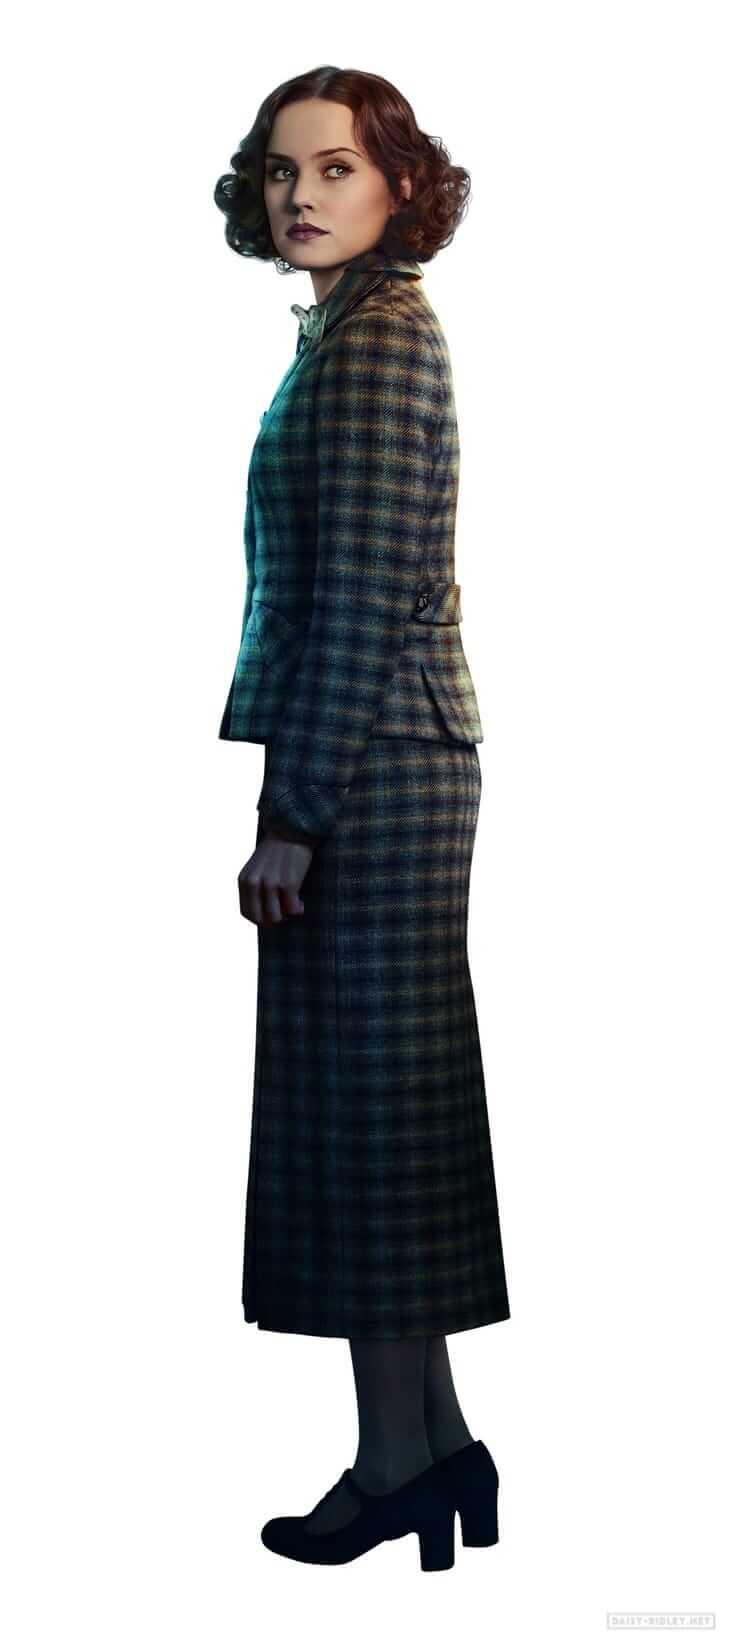 Ass ridley Daisy Ridley's